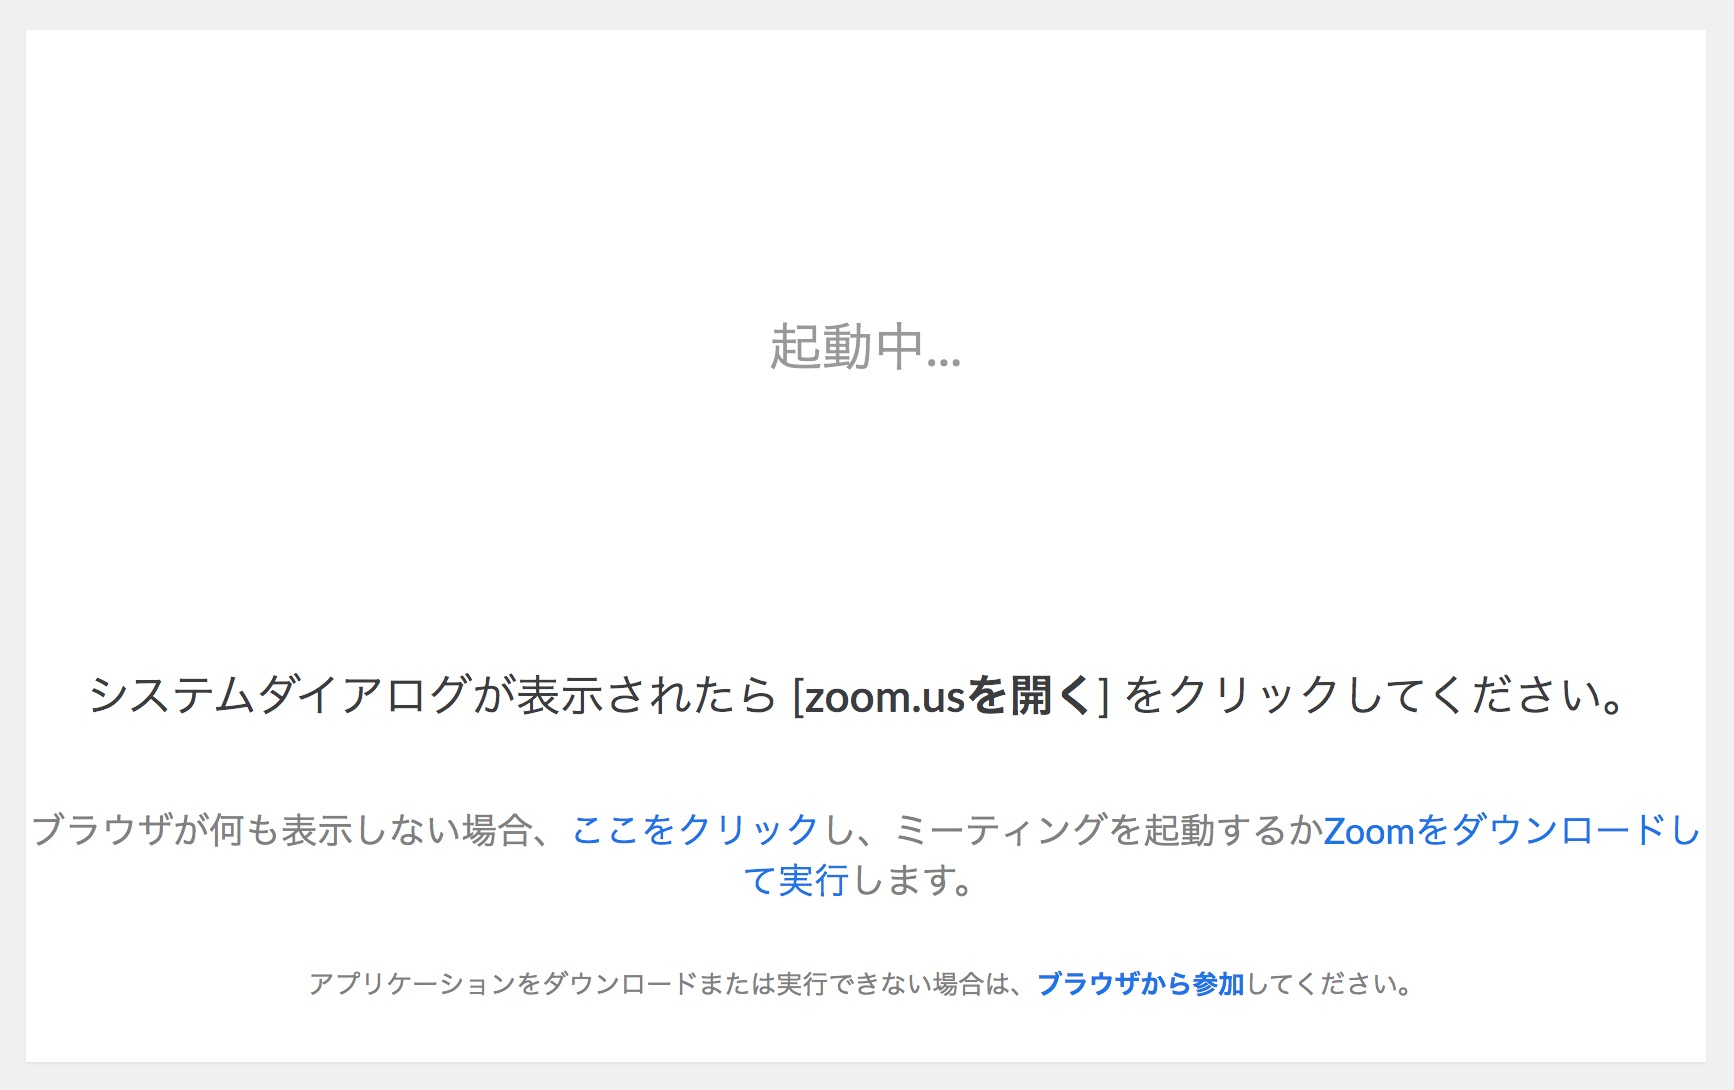 ゲスト Zoom Zoomはインストール不要でもミーティング参加が可能。その方法とは